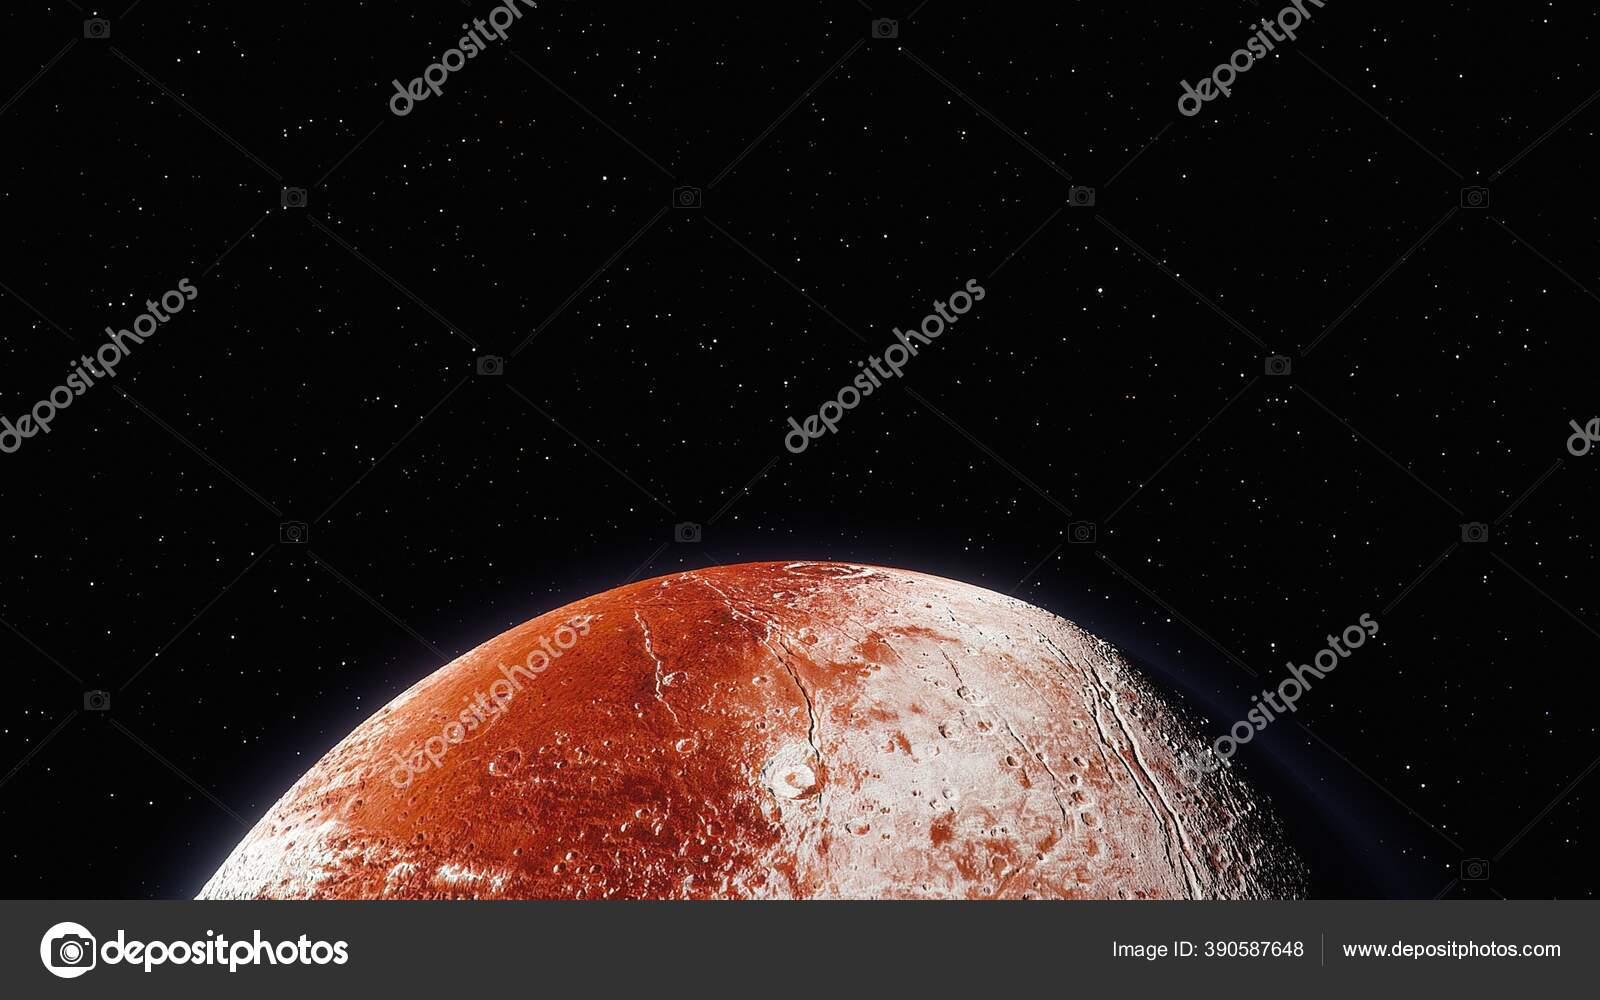 画像をダウンロード 背景画像 宇宙